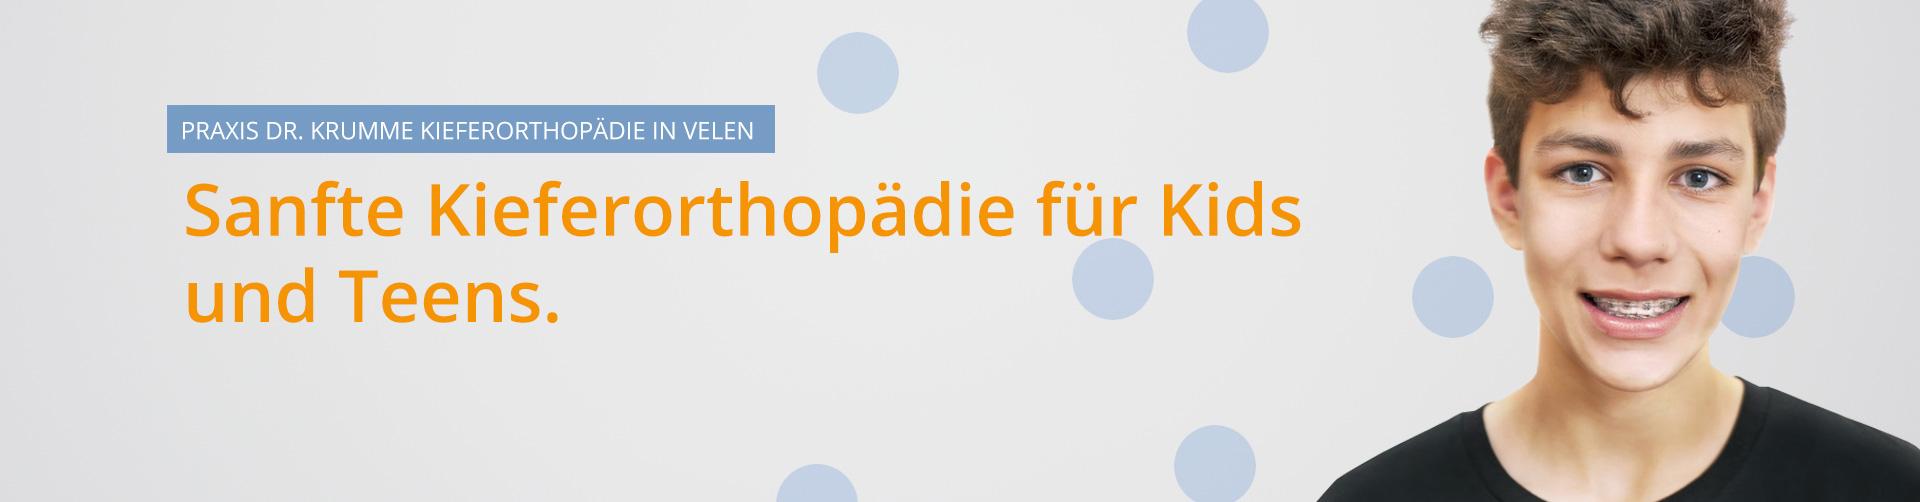 Startseite_Slider_KFO_Kids-und-Teens_2